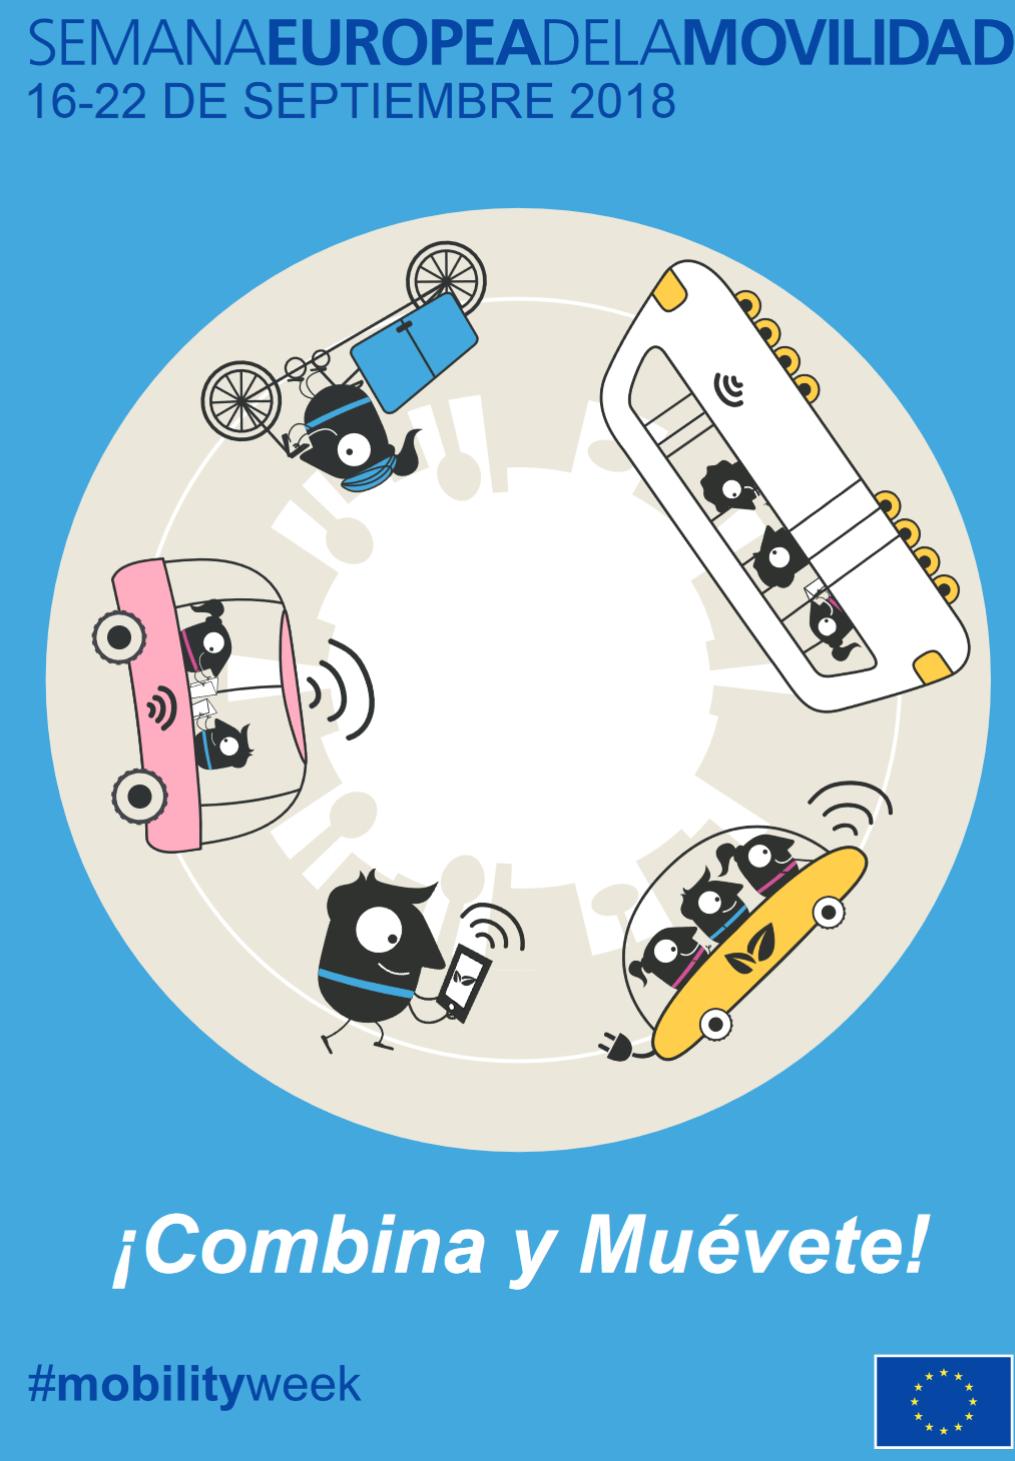 16-22 Septiembre: Semana Europea de la Movilidad (Transporte público gratis)